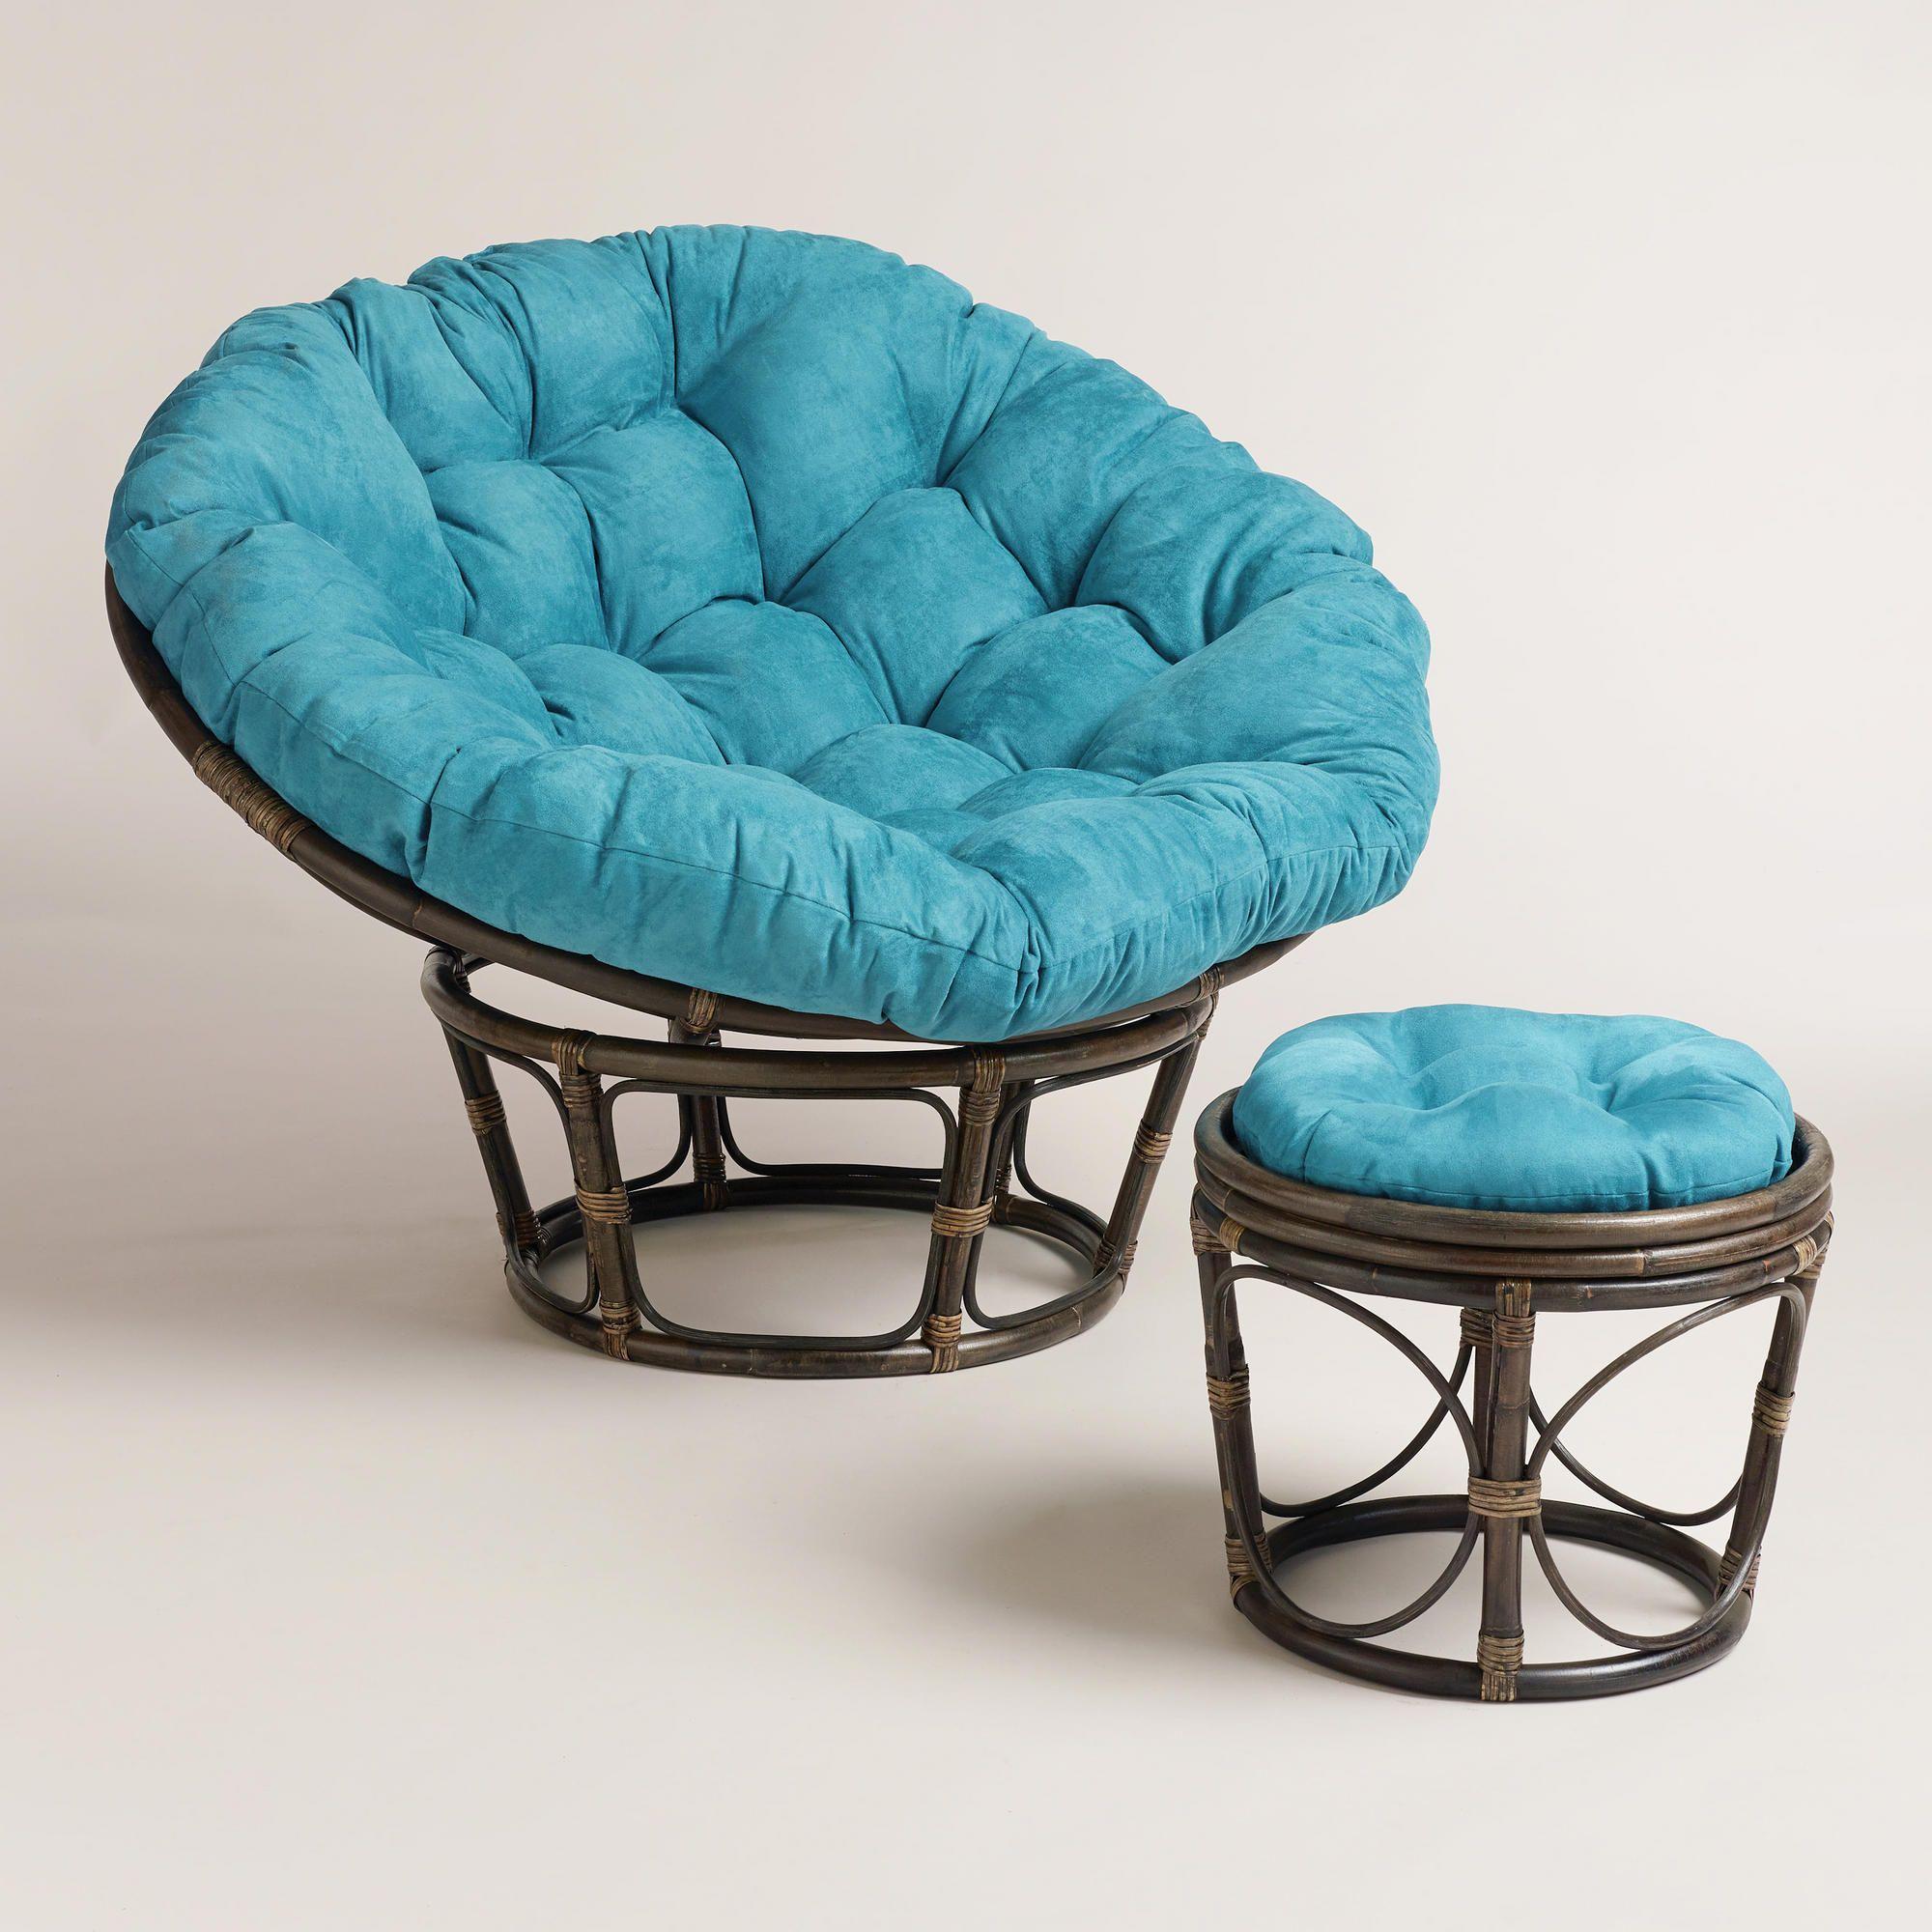 Porcelain Micro Suede Papasan Chair Cushion World Market Boho